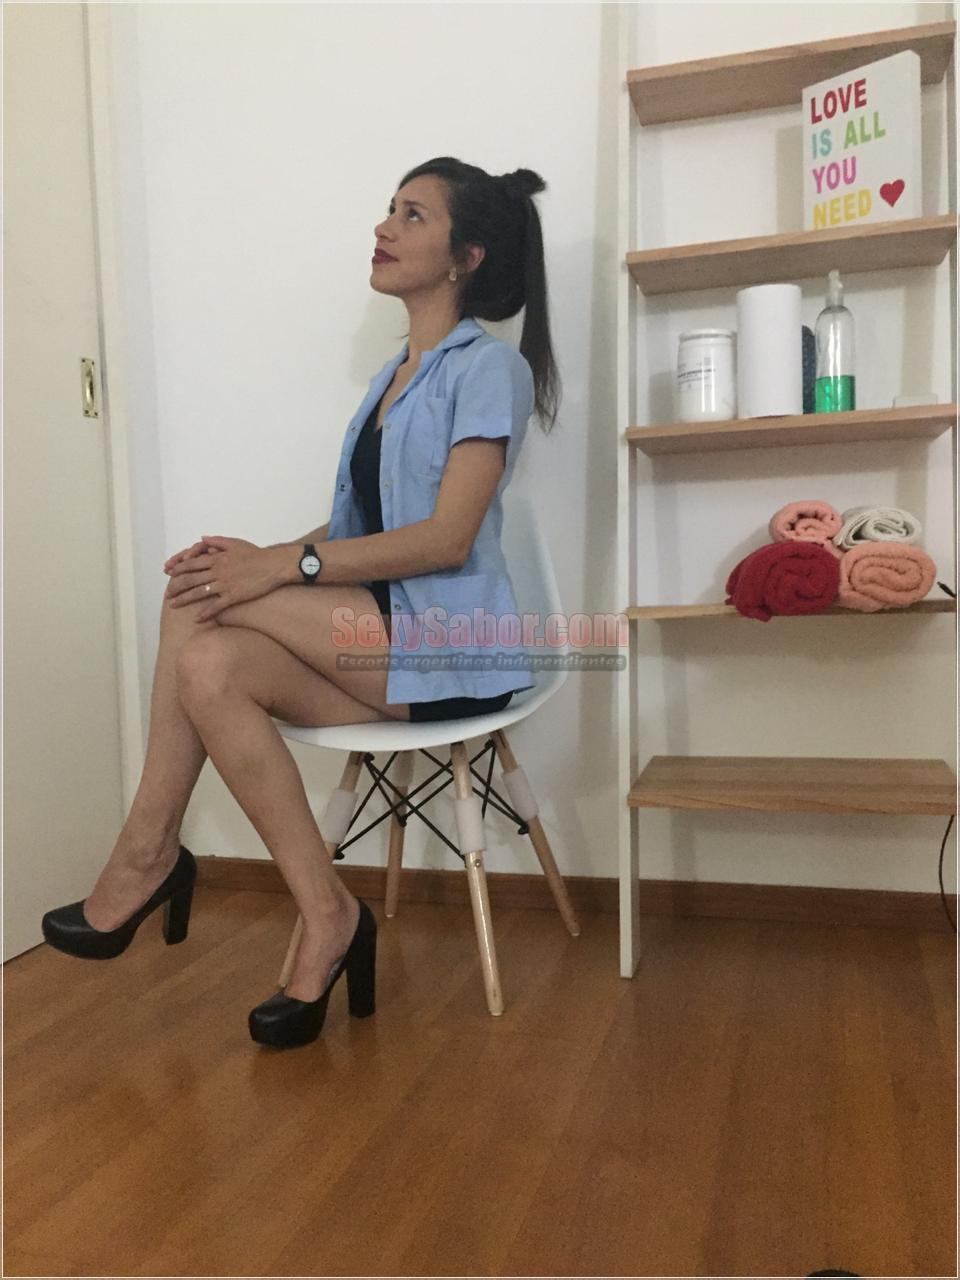 Magda 15-5178-4420